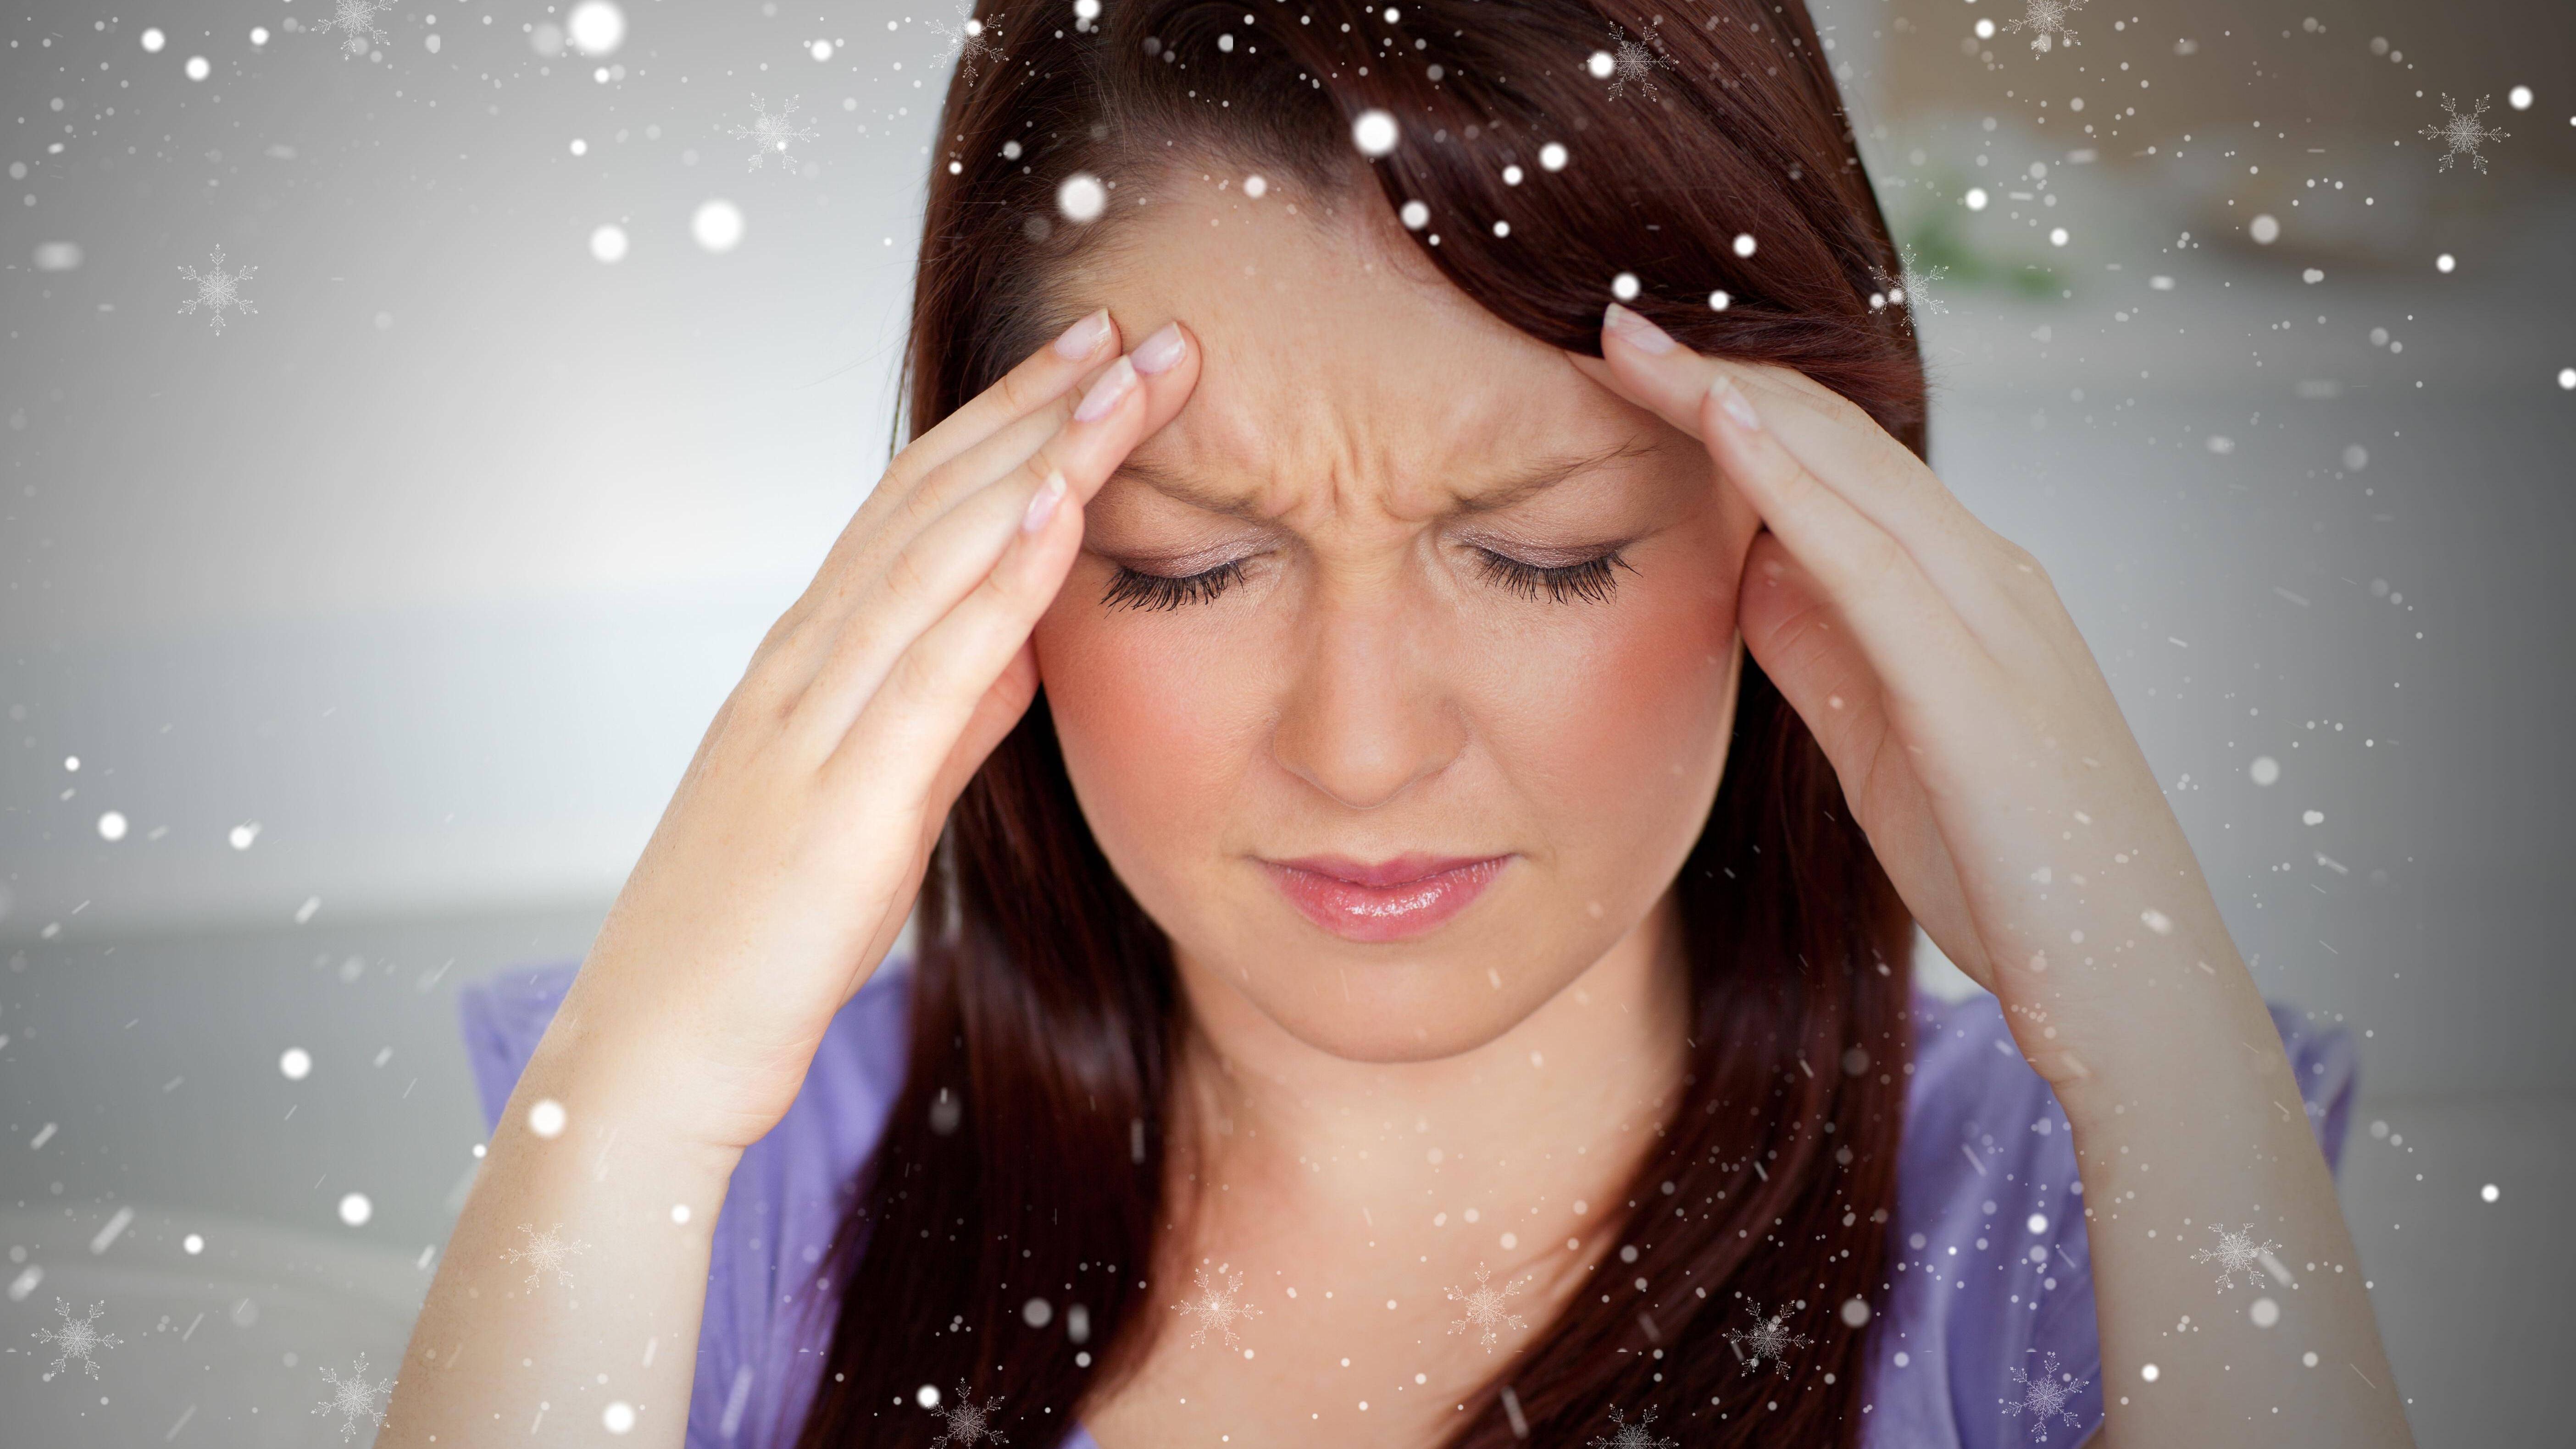 Wetterempfindlichkeit: Ursachen, Symptome und was Sie dagegen tun können